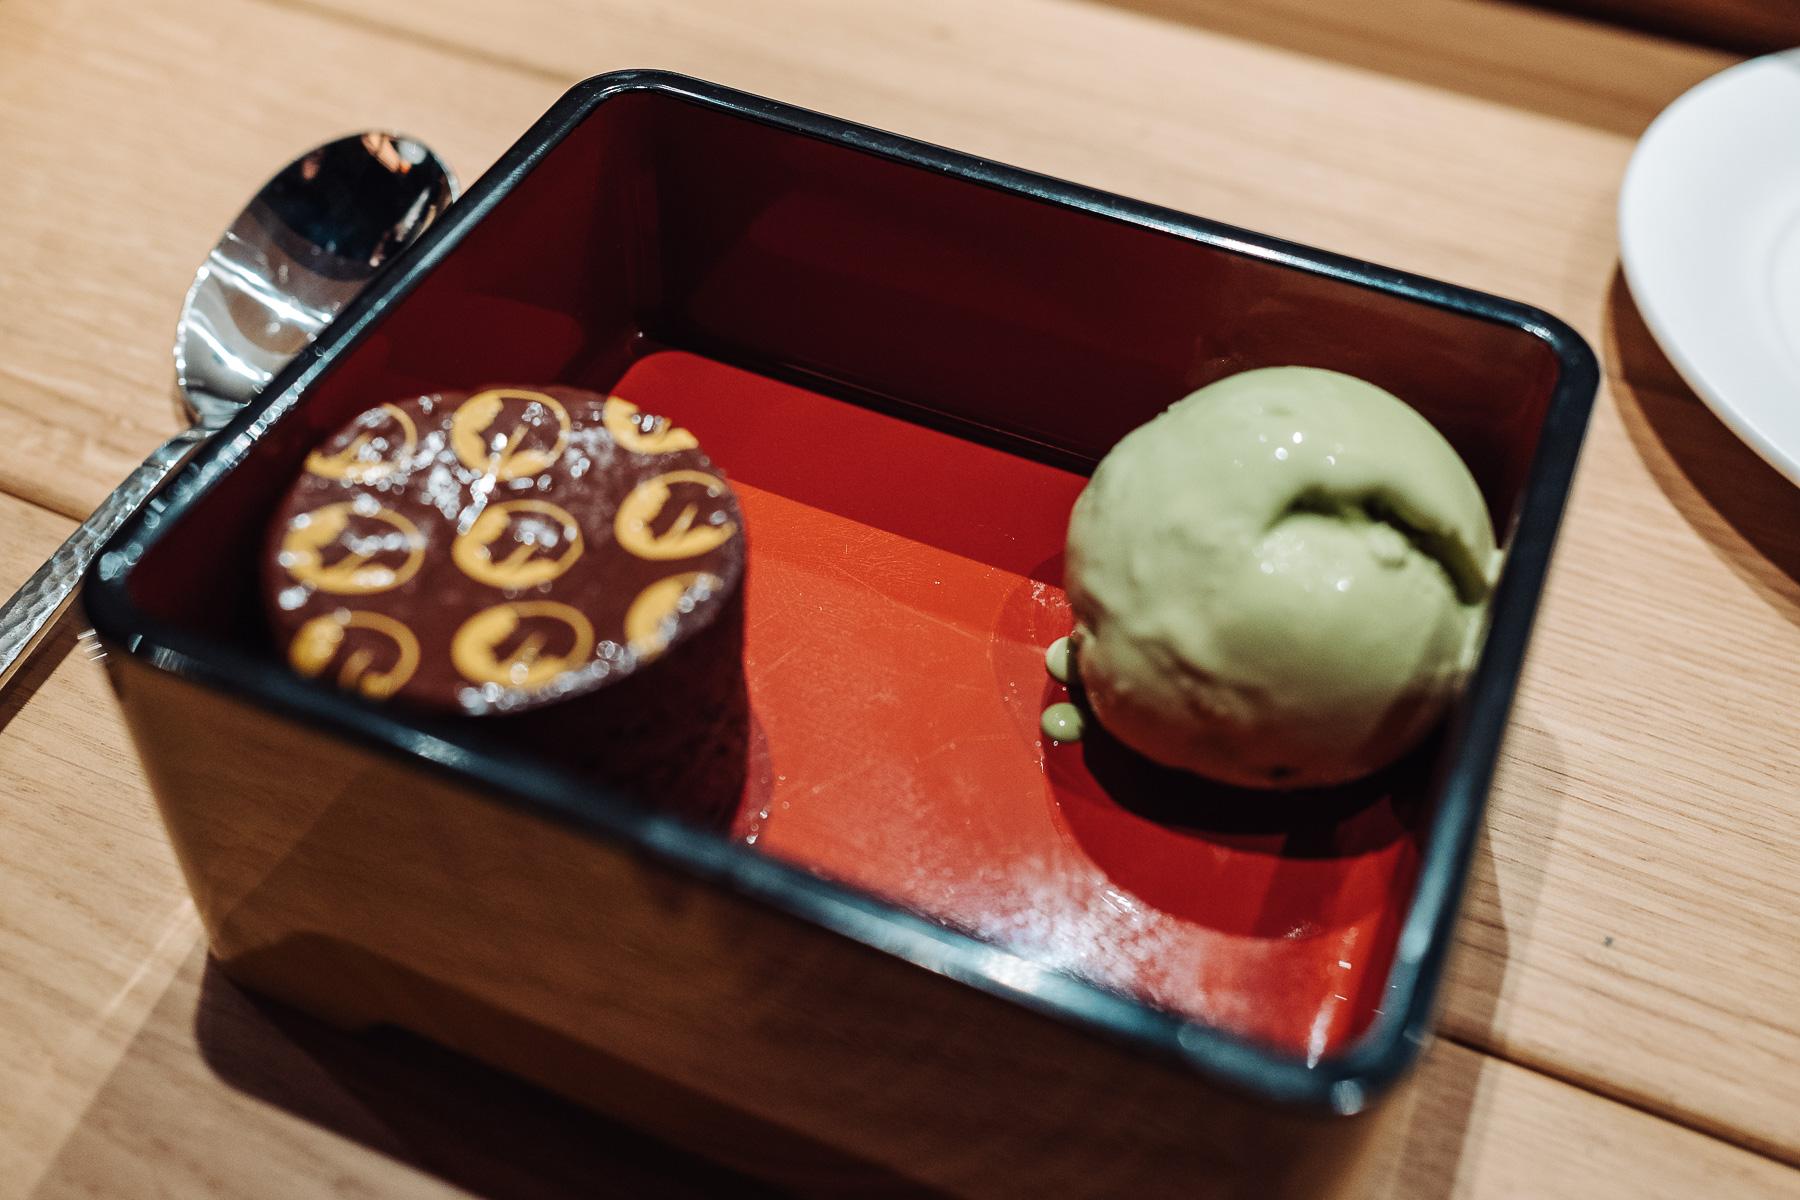 ciastko czekoladowe i lody matcha